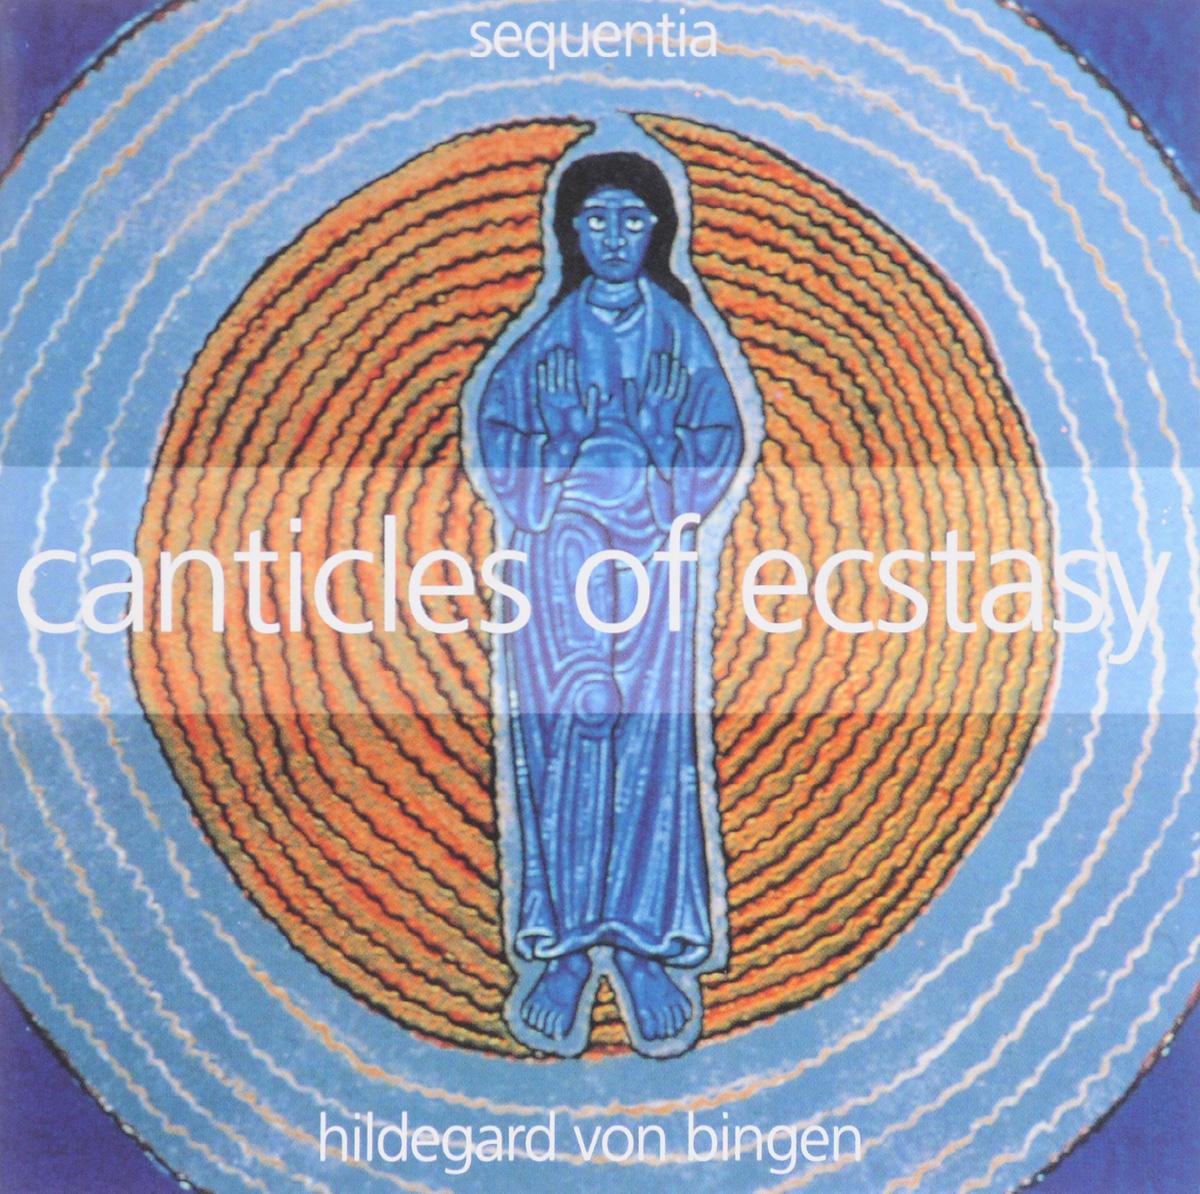 Sequentia Sequentia. Hildegard Von Bingen. Canticles Of Ecstasy hermann fischer die heilige hildegard von bingen